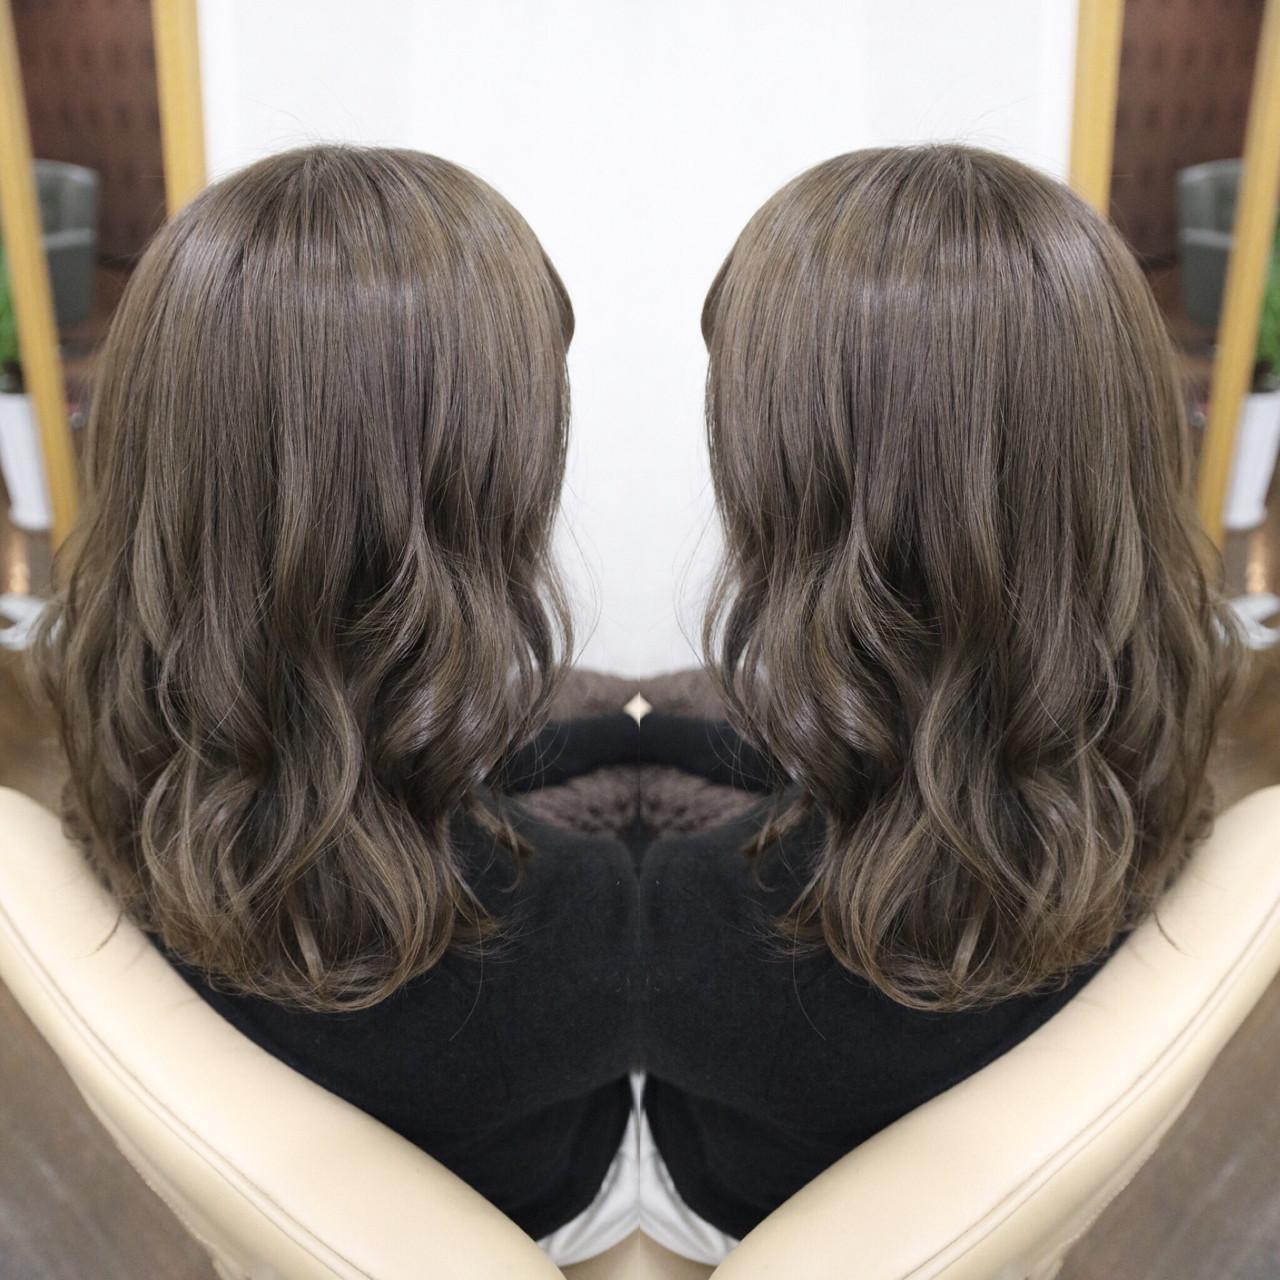 ニュアンス 大人女子 ミルクティー アッシュ ヘアスタイルや髪型の写真・画像 | 植松 裕也 / Hair design Laule'a une ラウレア